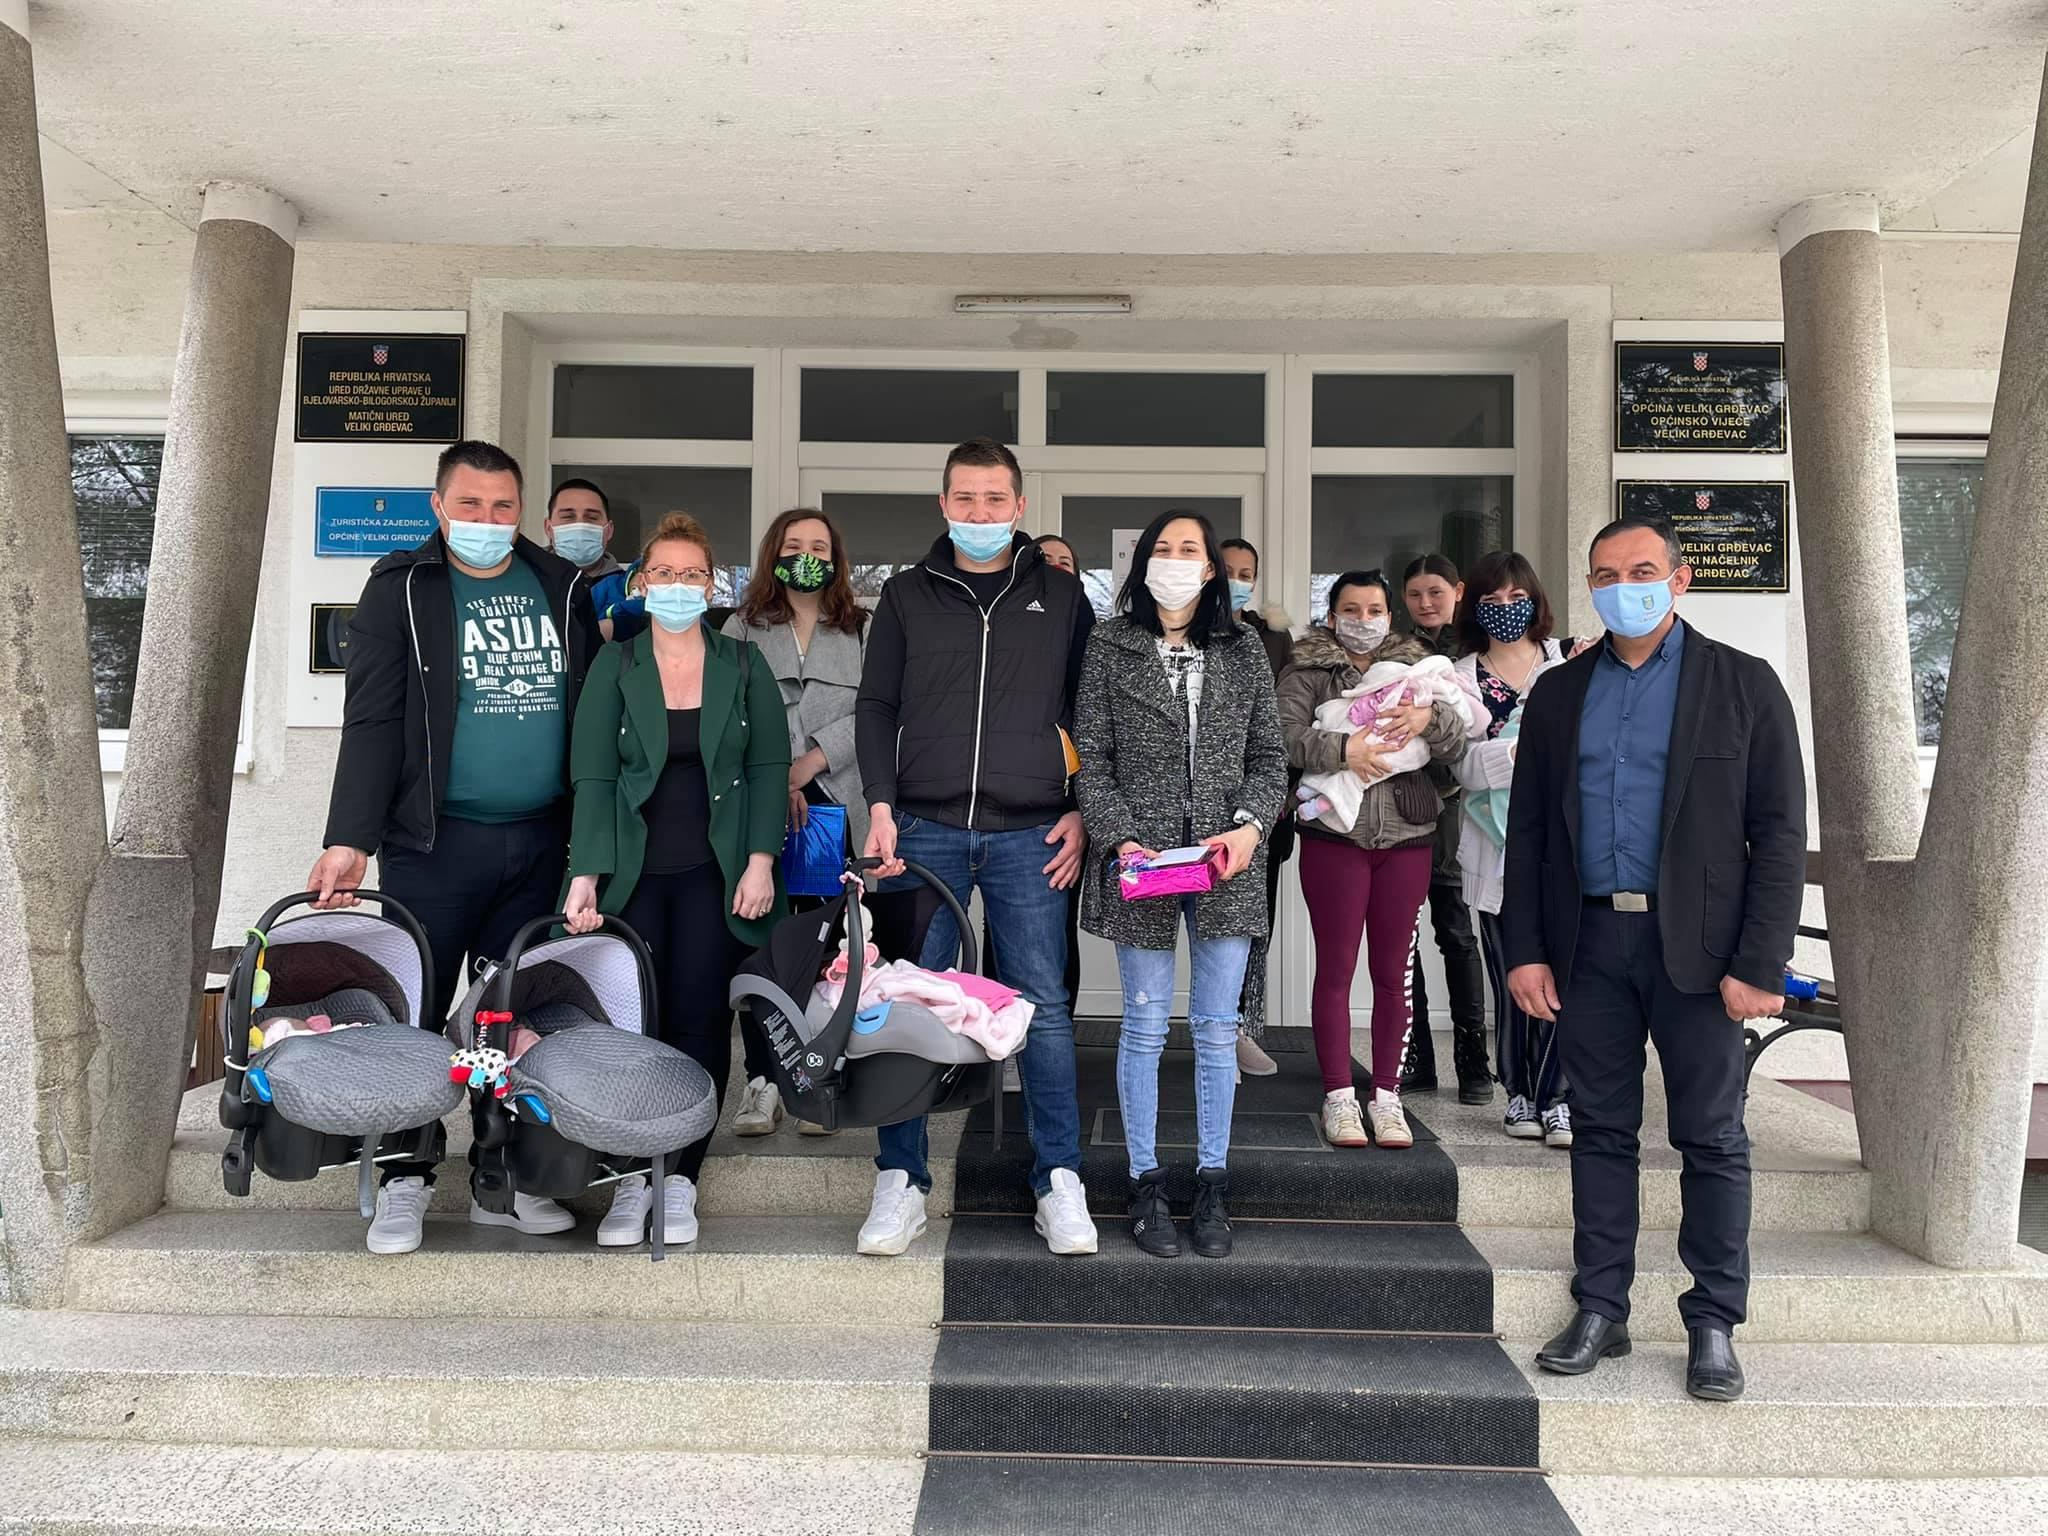 Za 11 mališana Općina rasporedila 39 tisuća kuna